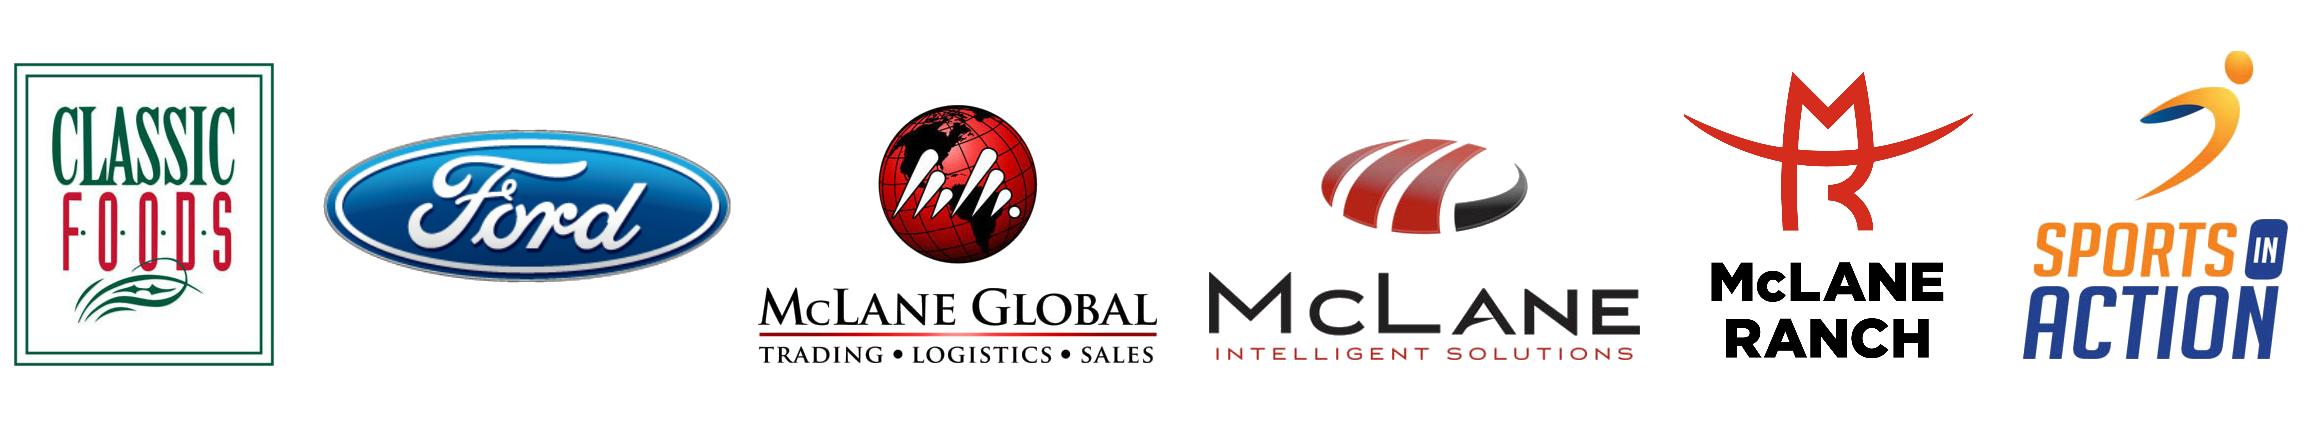 McLane-Group-Logos